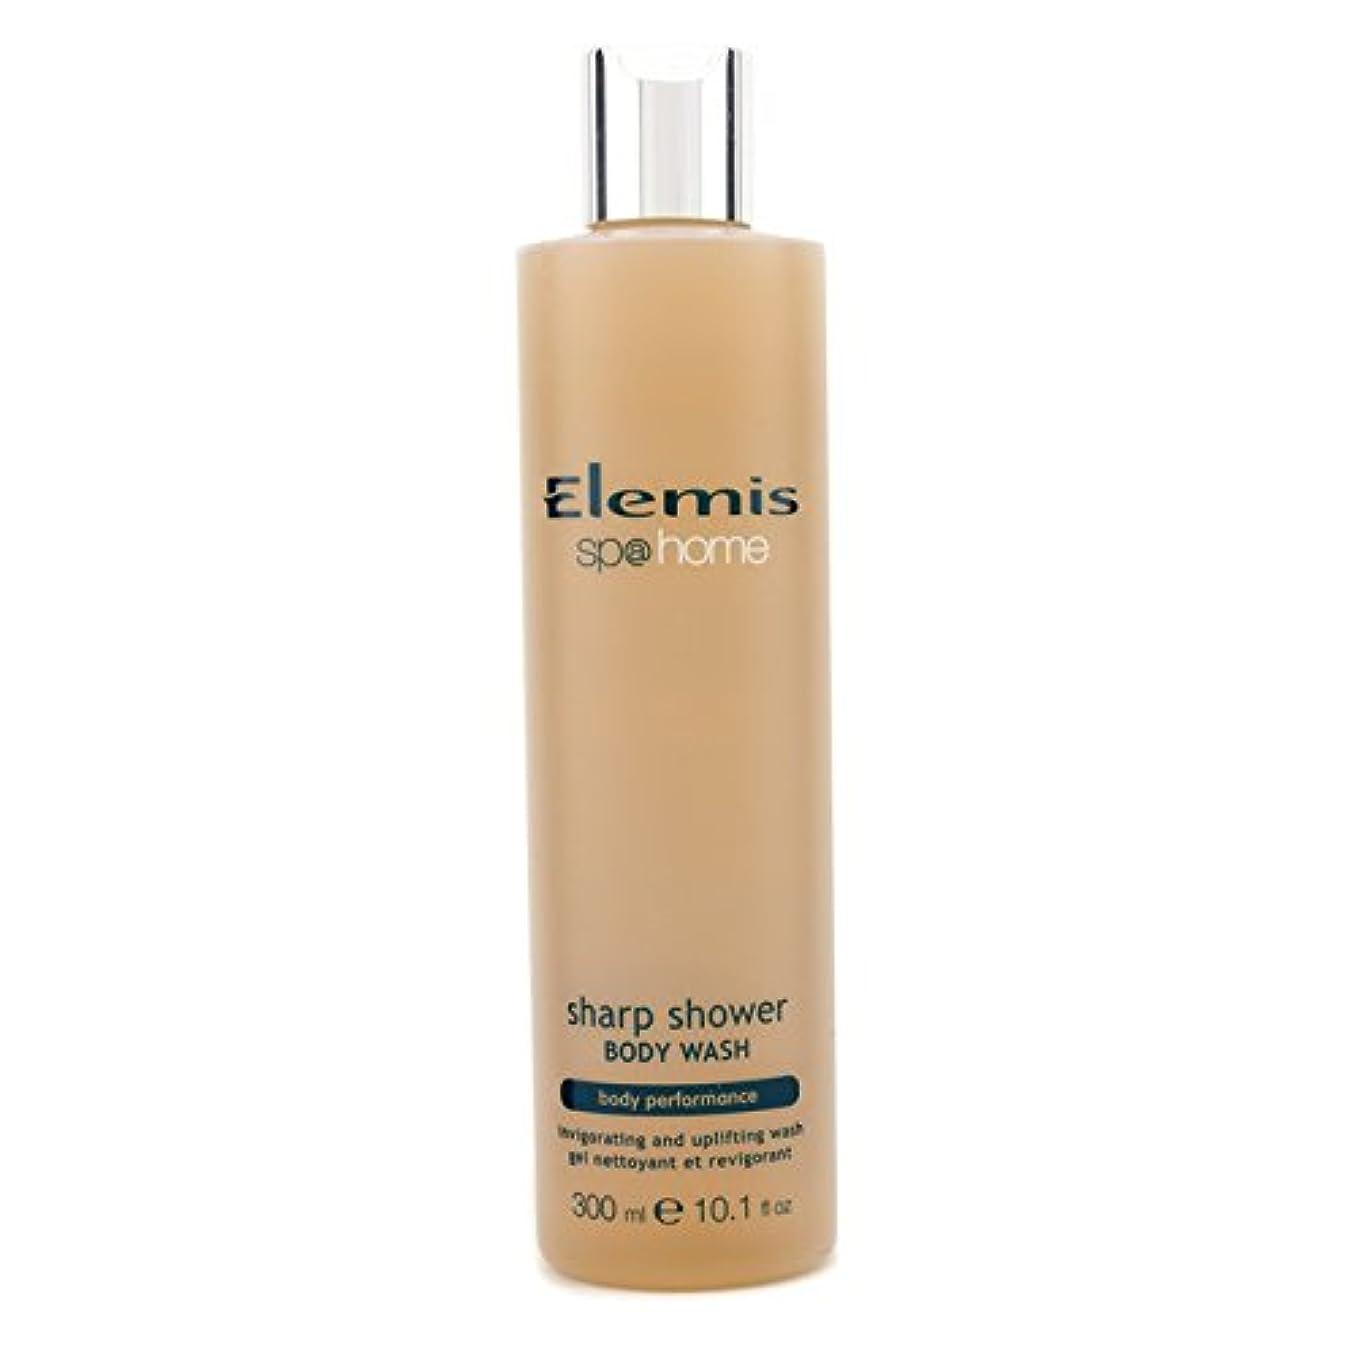 効能あるギャラリーこだわりエレミス シャープ シャワー ボディウォッシュ 300ml/10.1oz並行輸入品